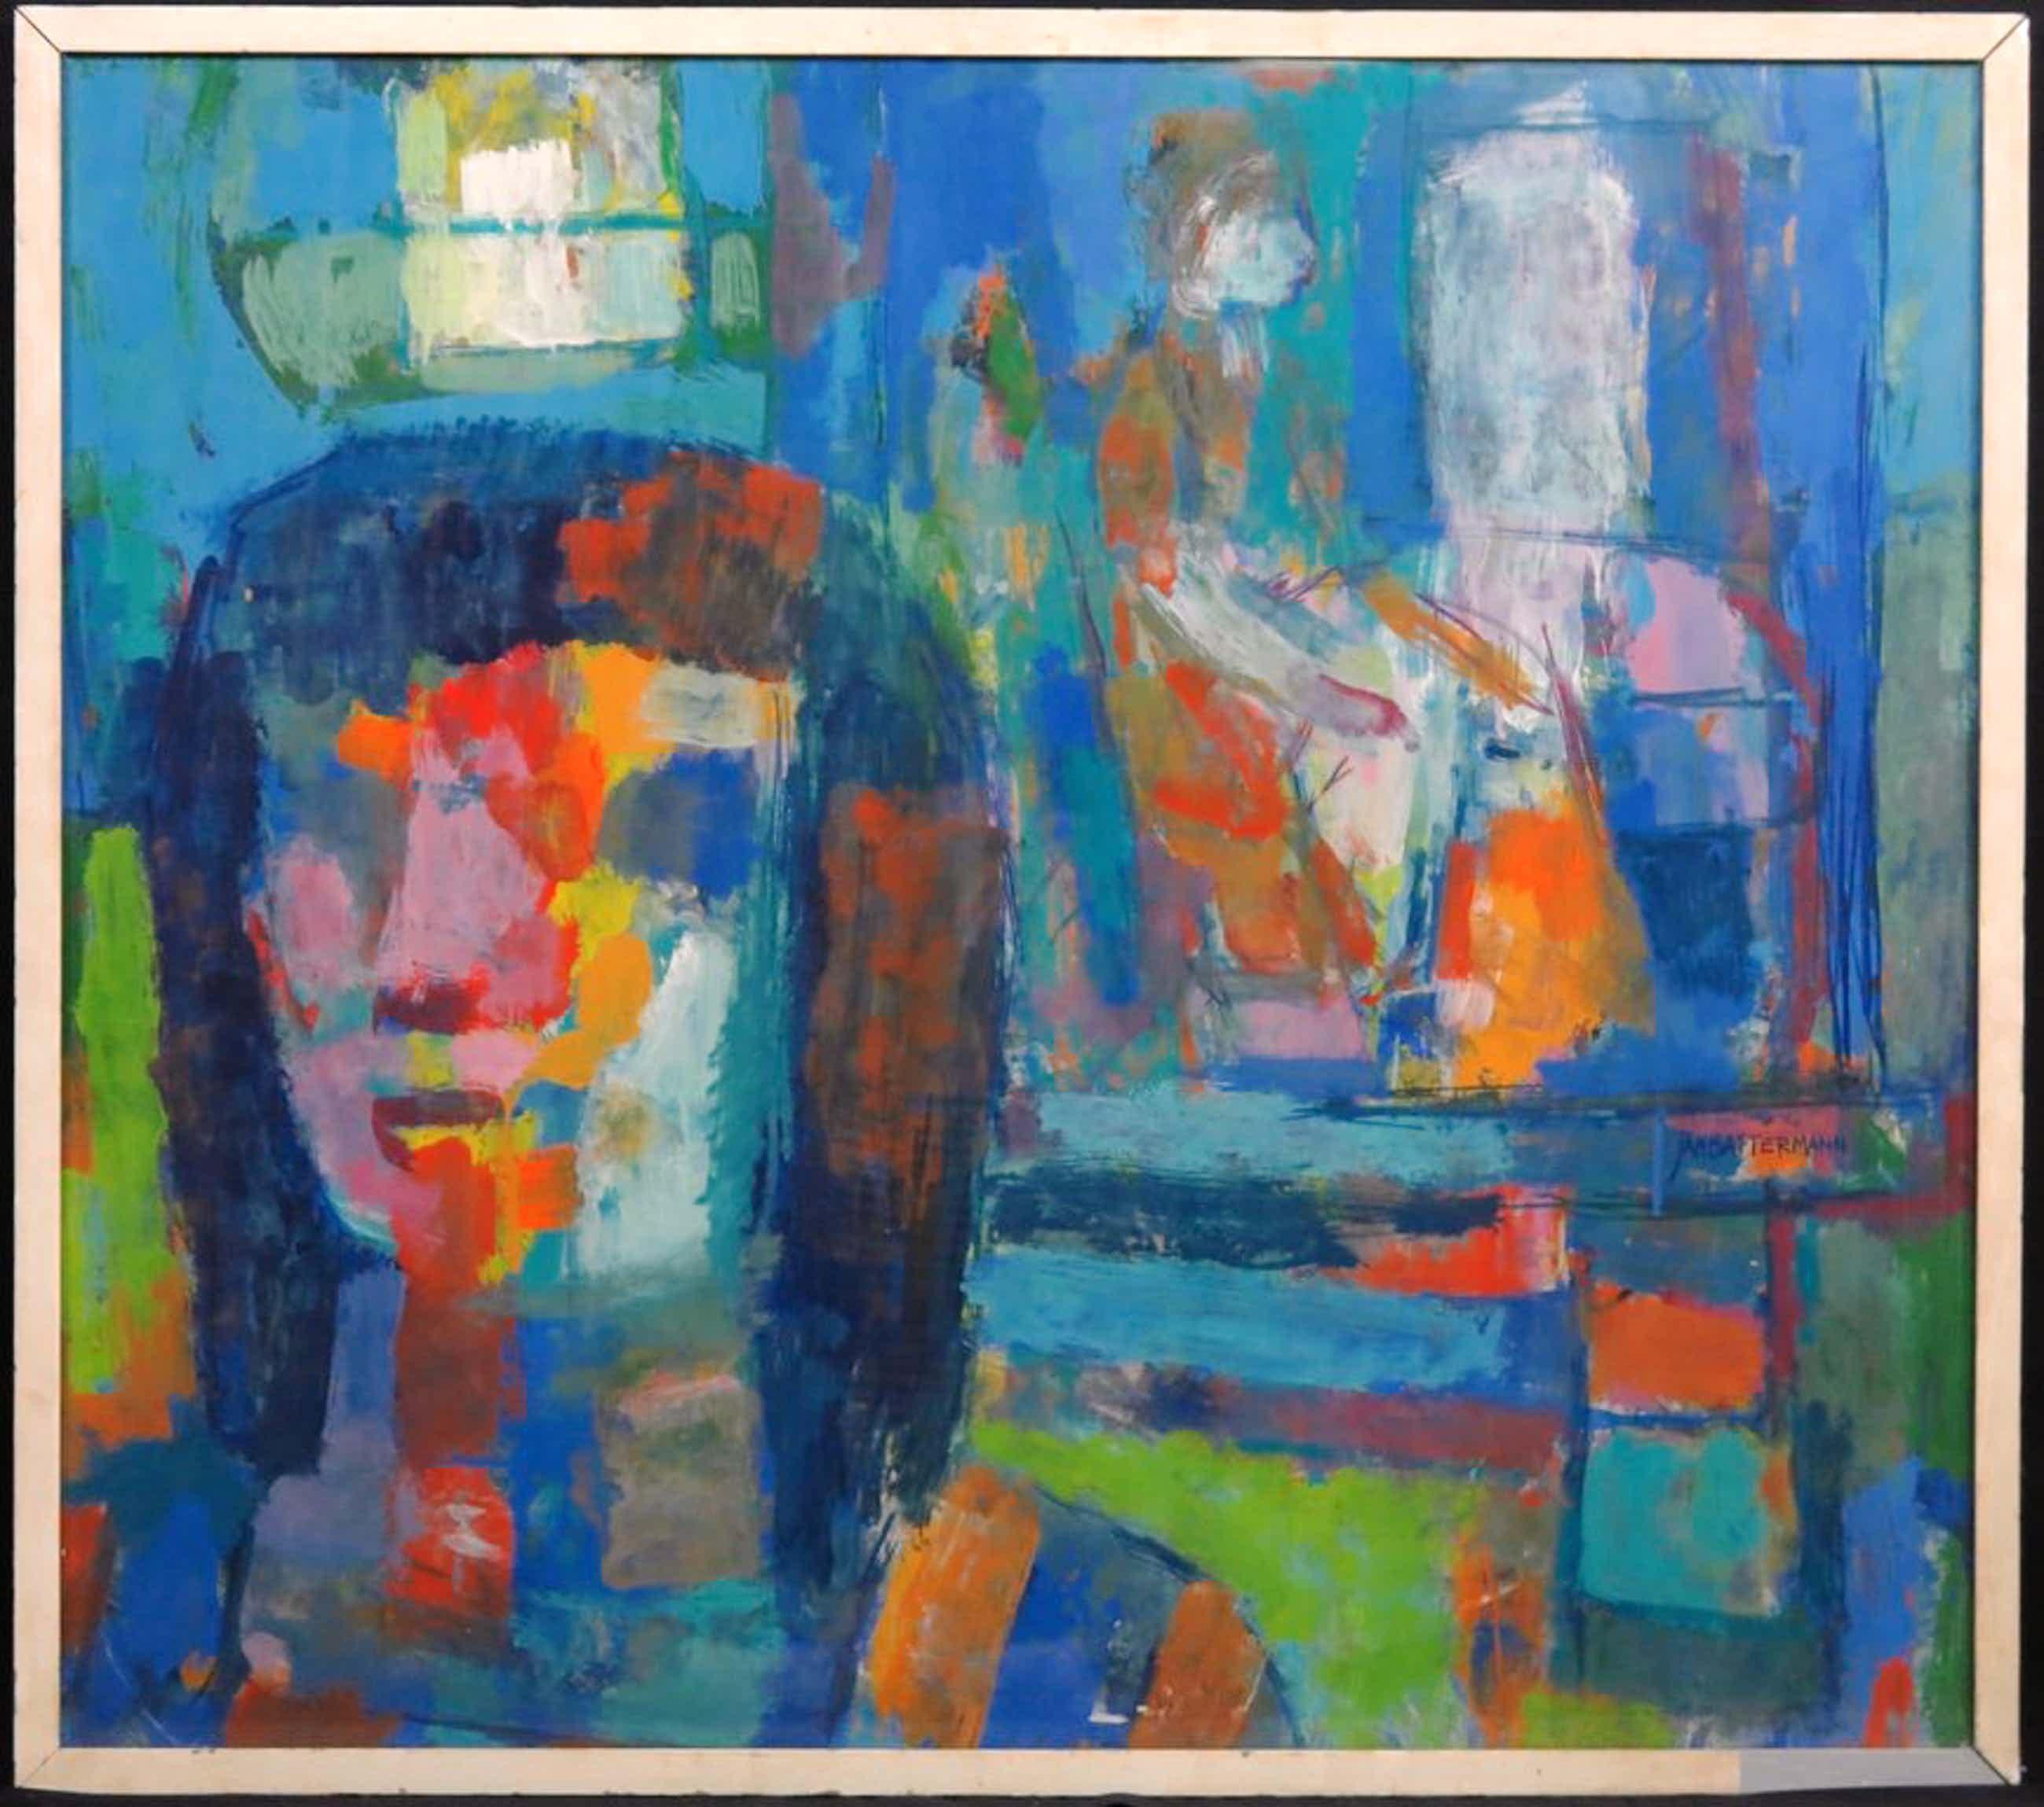 Jan Battermann: Acryl op papier, Twee figuren - Ingelijst (groot) kopen? Bied vanaf 200!